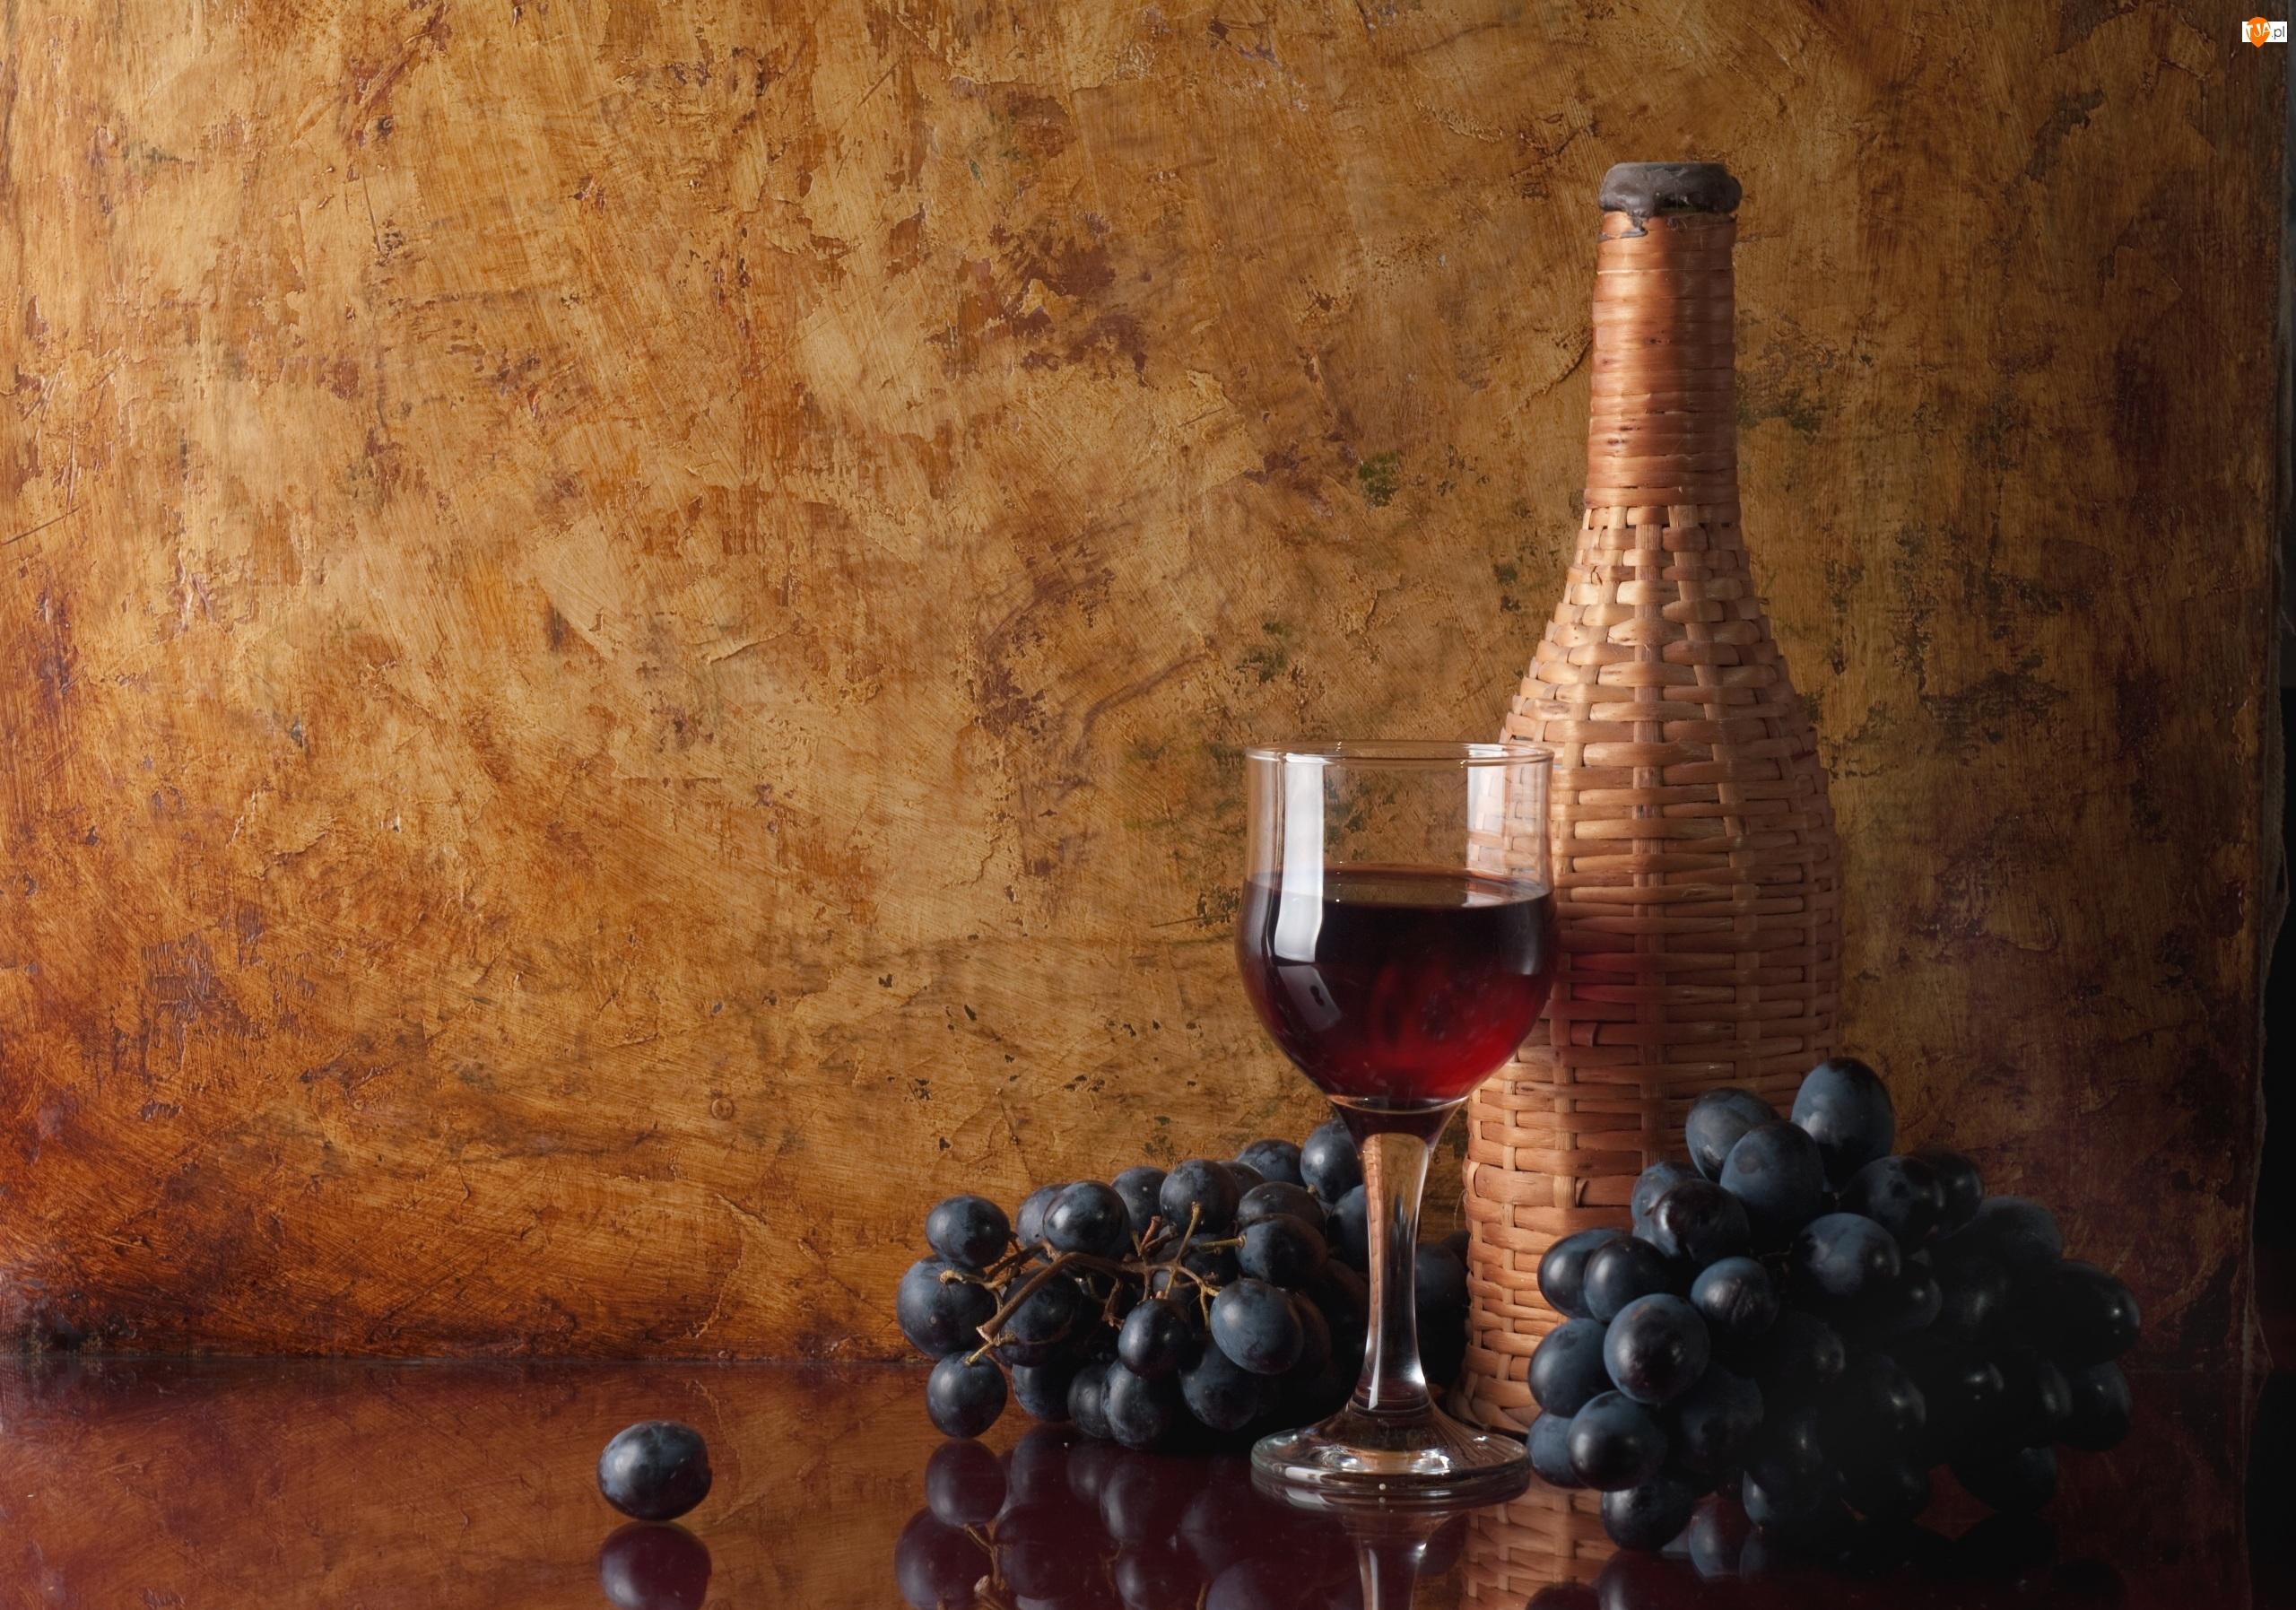 Kieliszek, Wino, Butelka, Winogrona